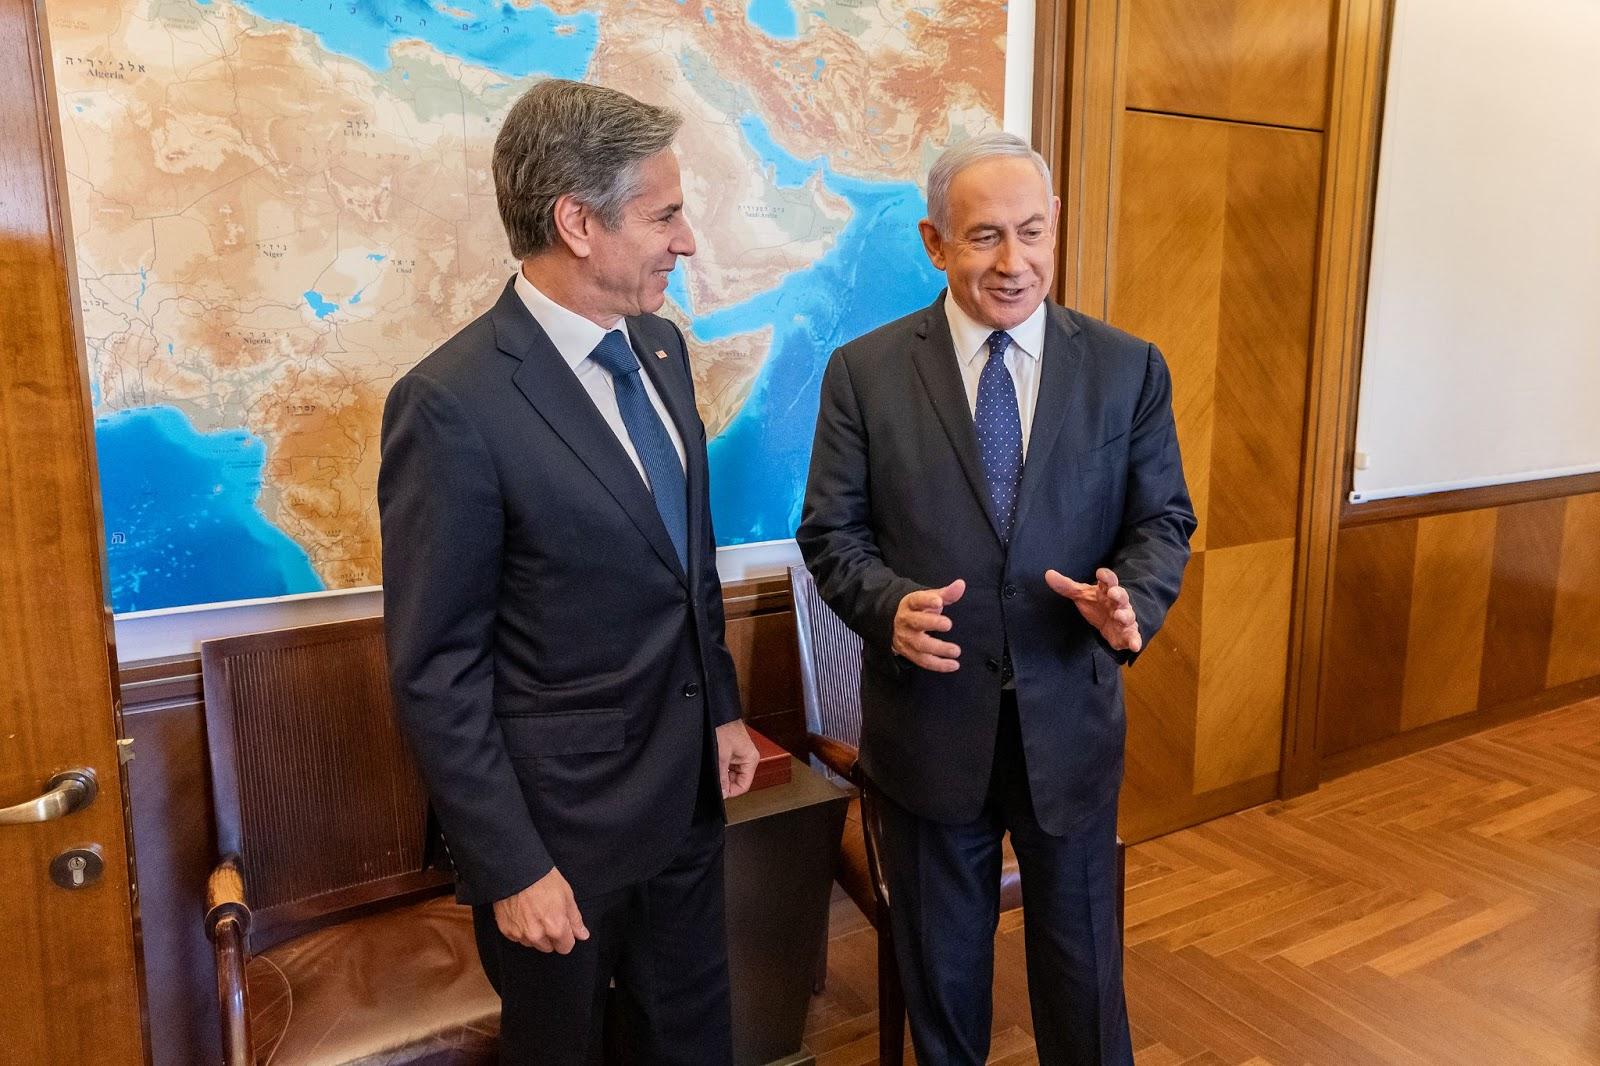 Antony Blinken, Benjamin Netanyahu